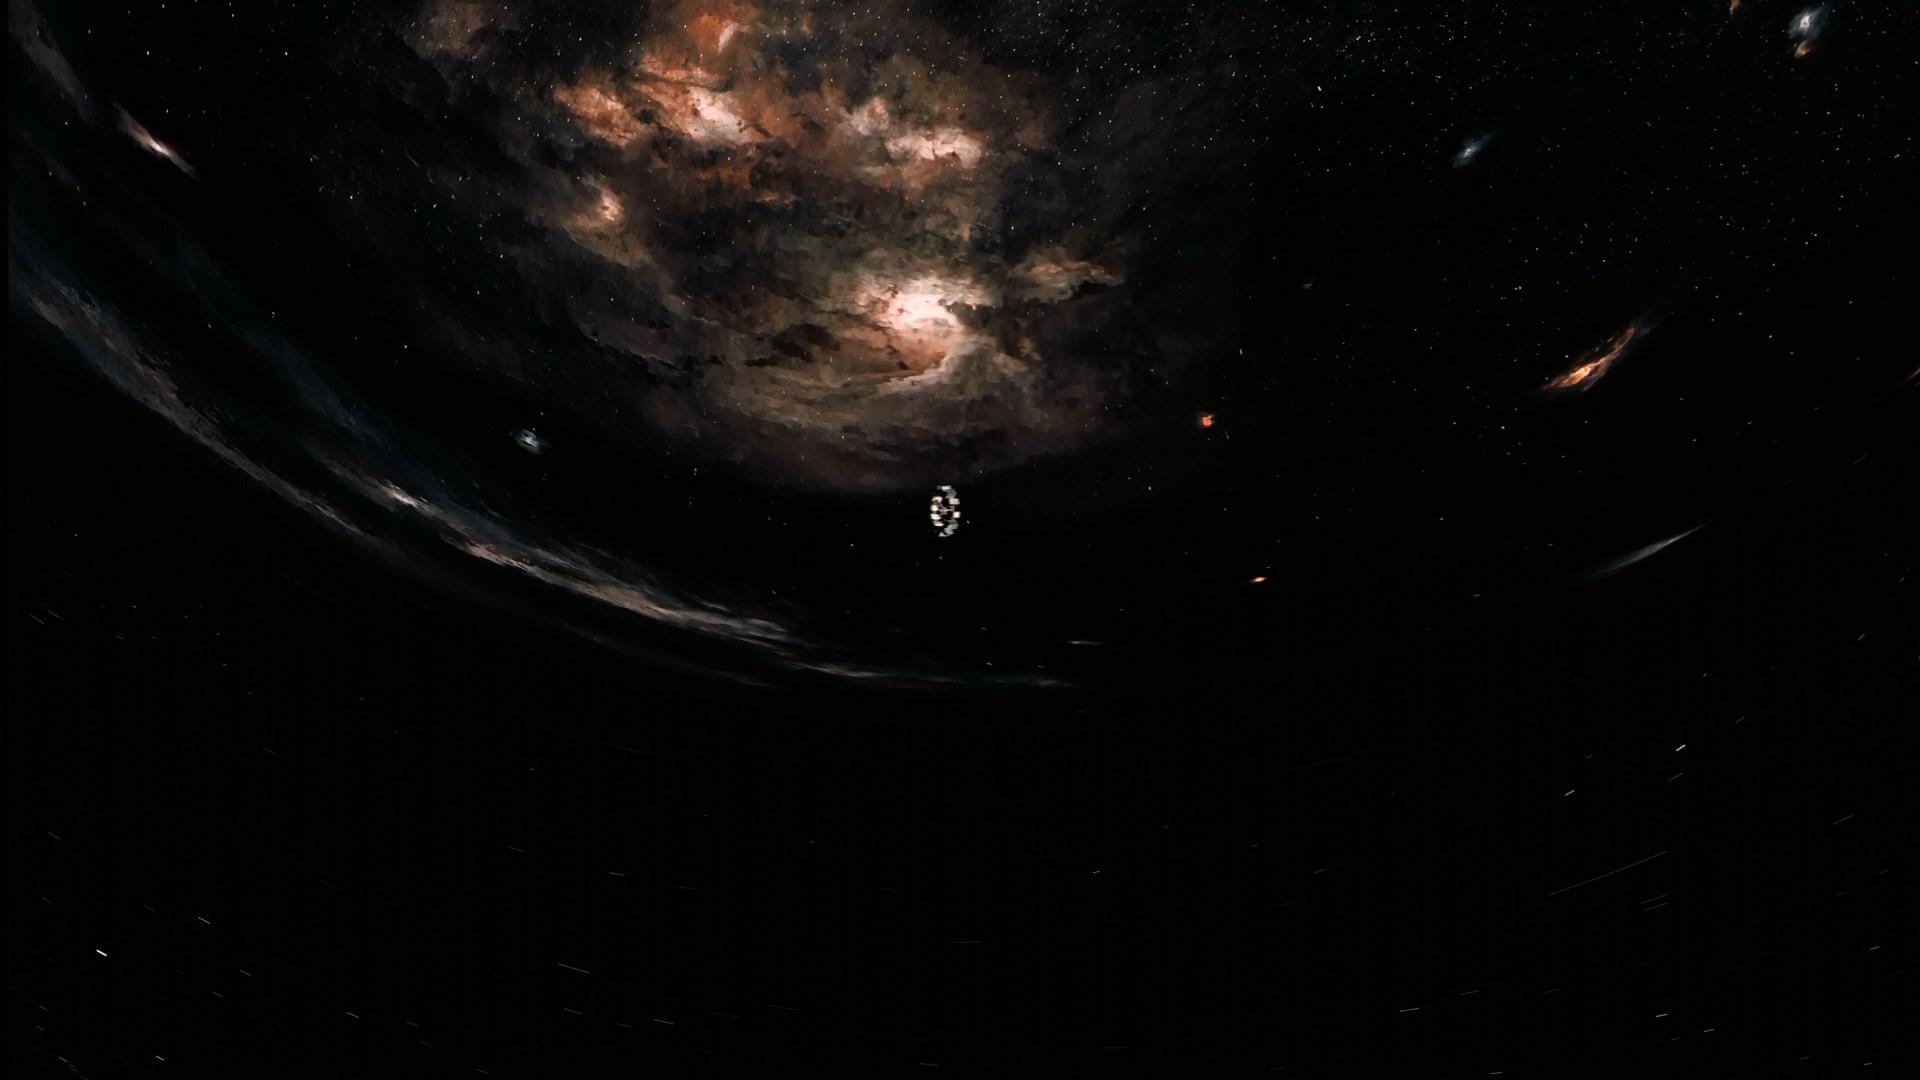 three planets in interstellar - HD1920×1080